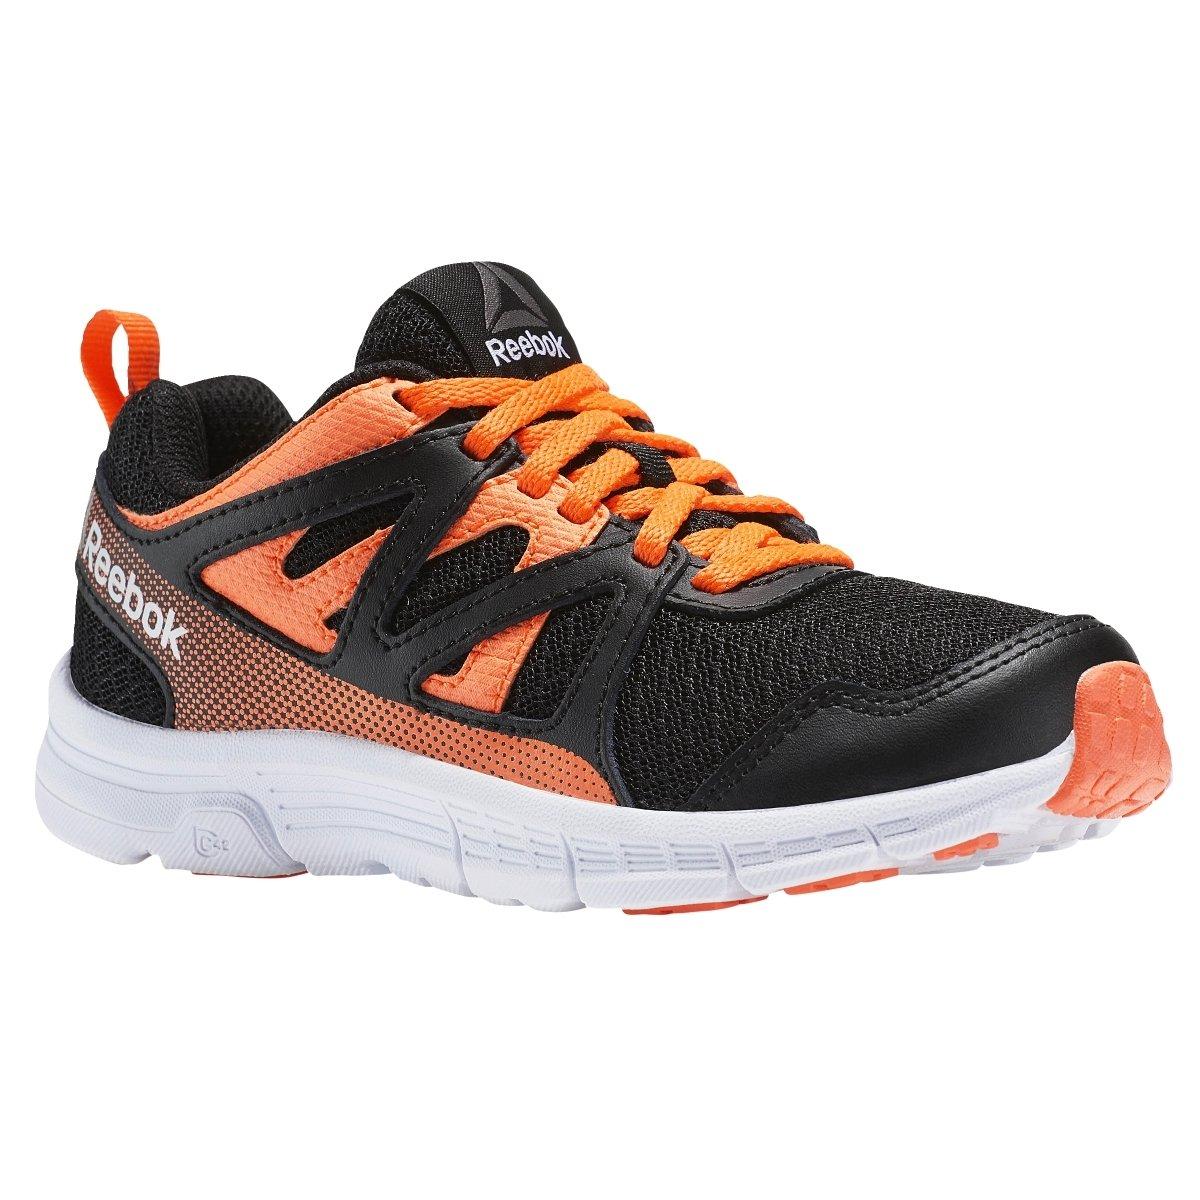 Reebok Baby Run Supreme 2.0 Sneaker, Black/Wild Orange/White, 12 Child US Toddler